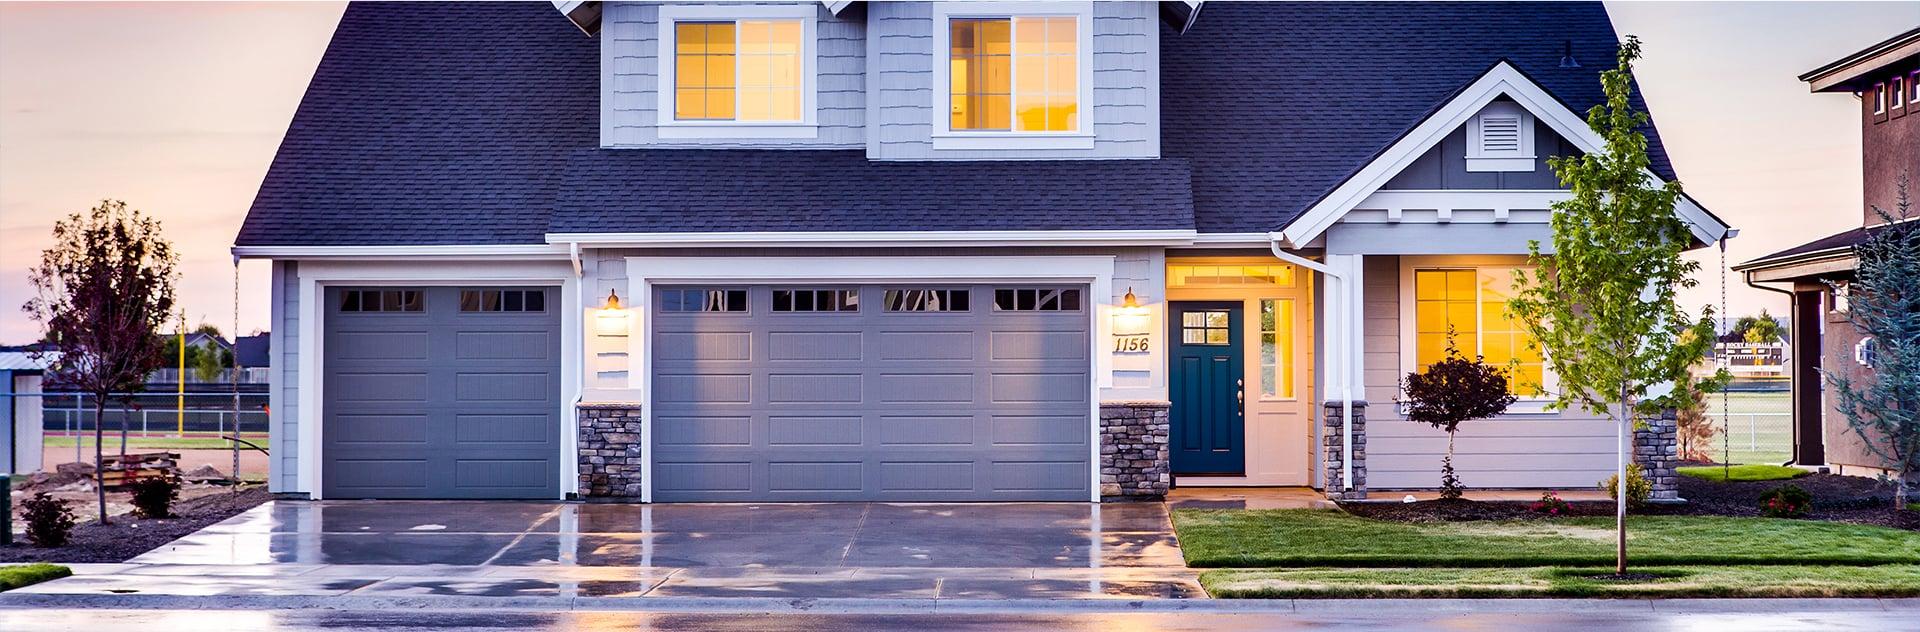 bramy garażowe do domu